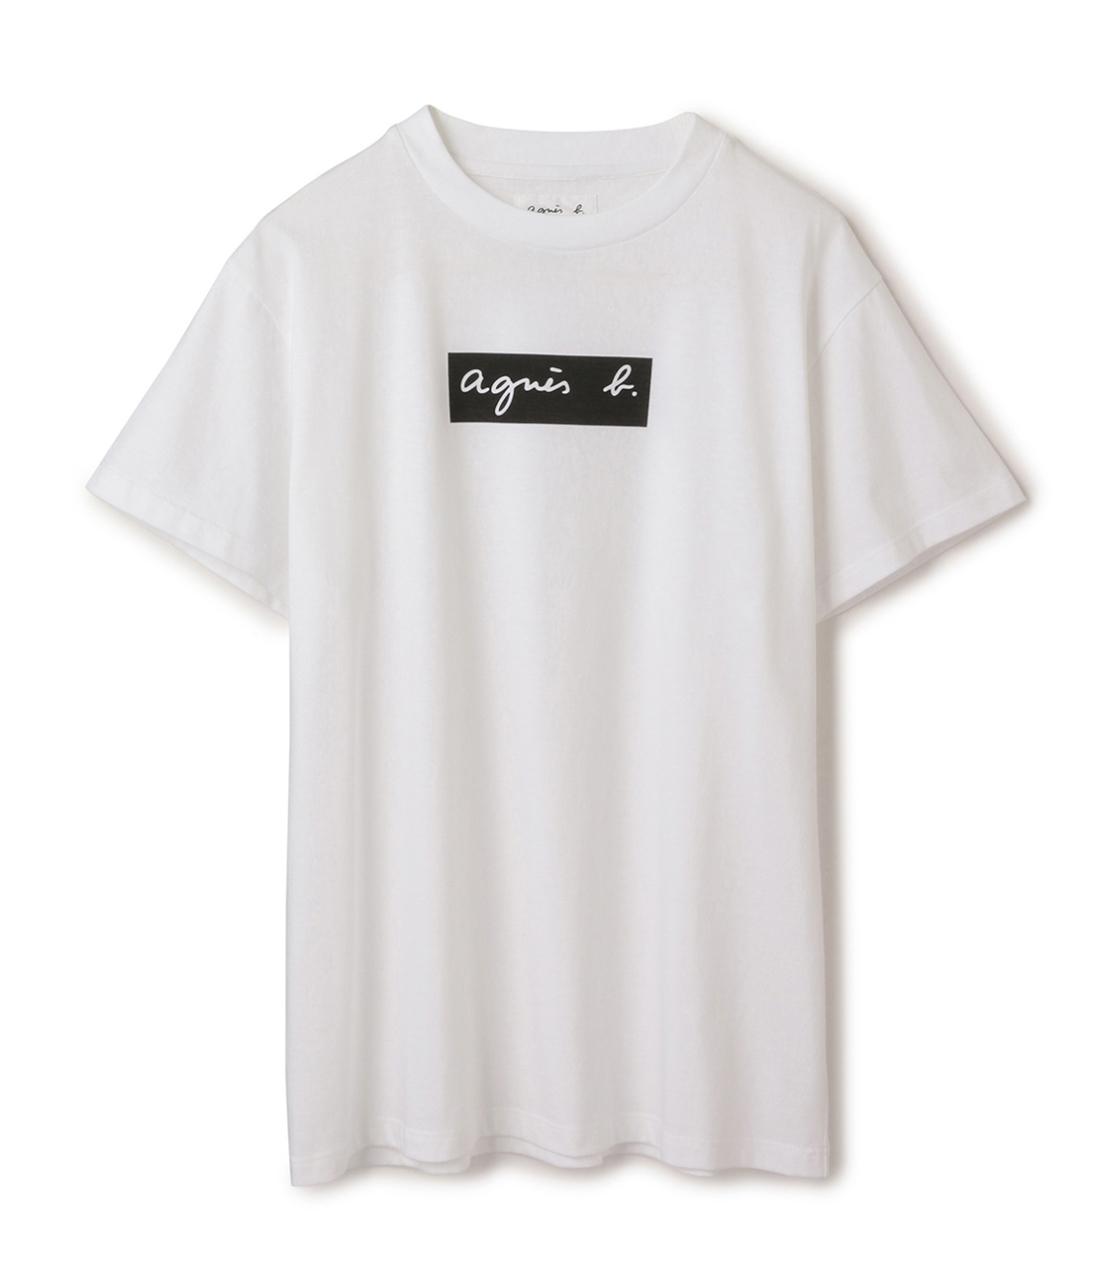 ADAM ET ROPÉがagnès b.とコラボレーション。ロゴをポイントにしたTシャツを発売。_1_3-1